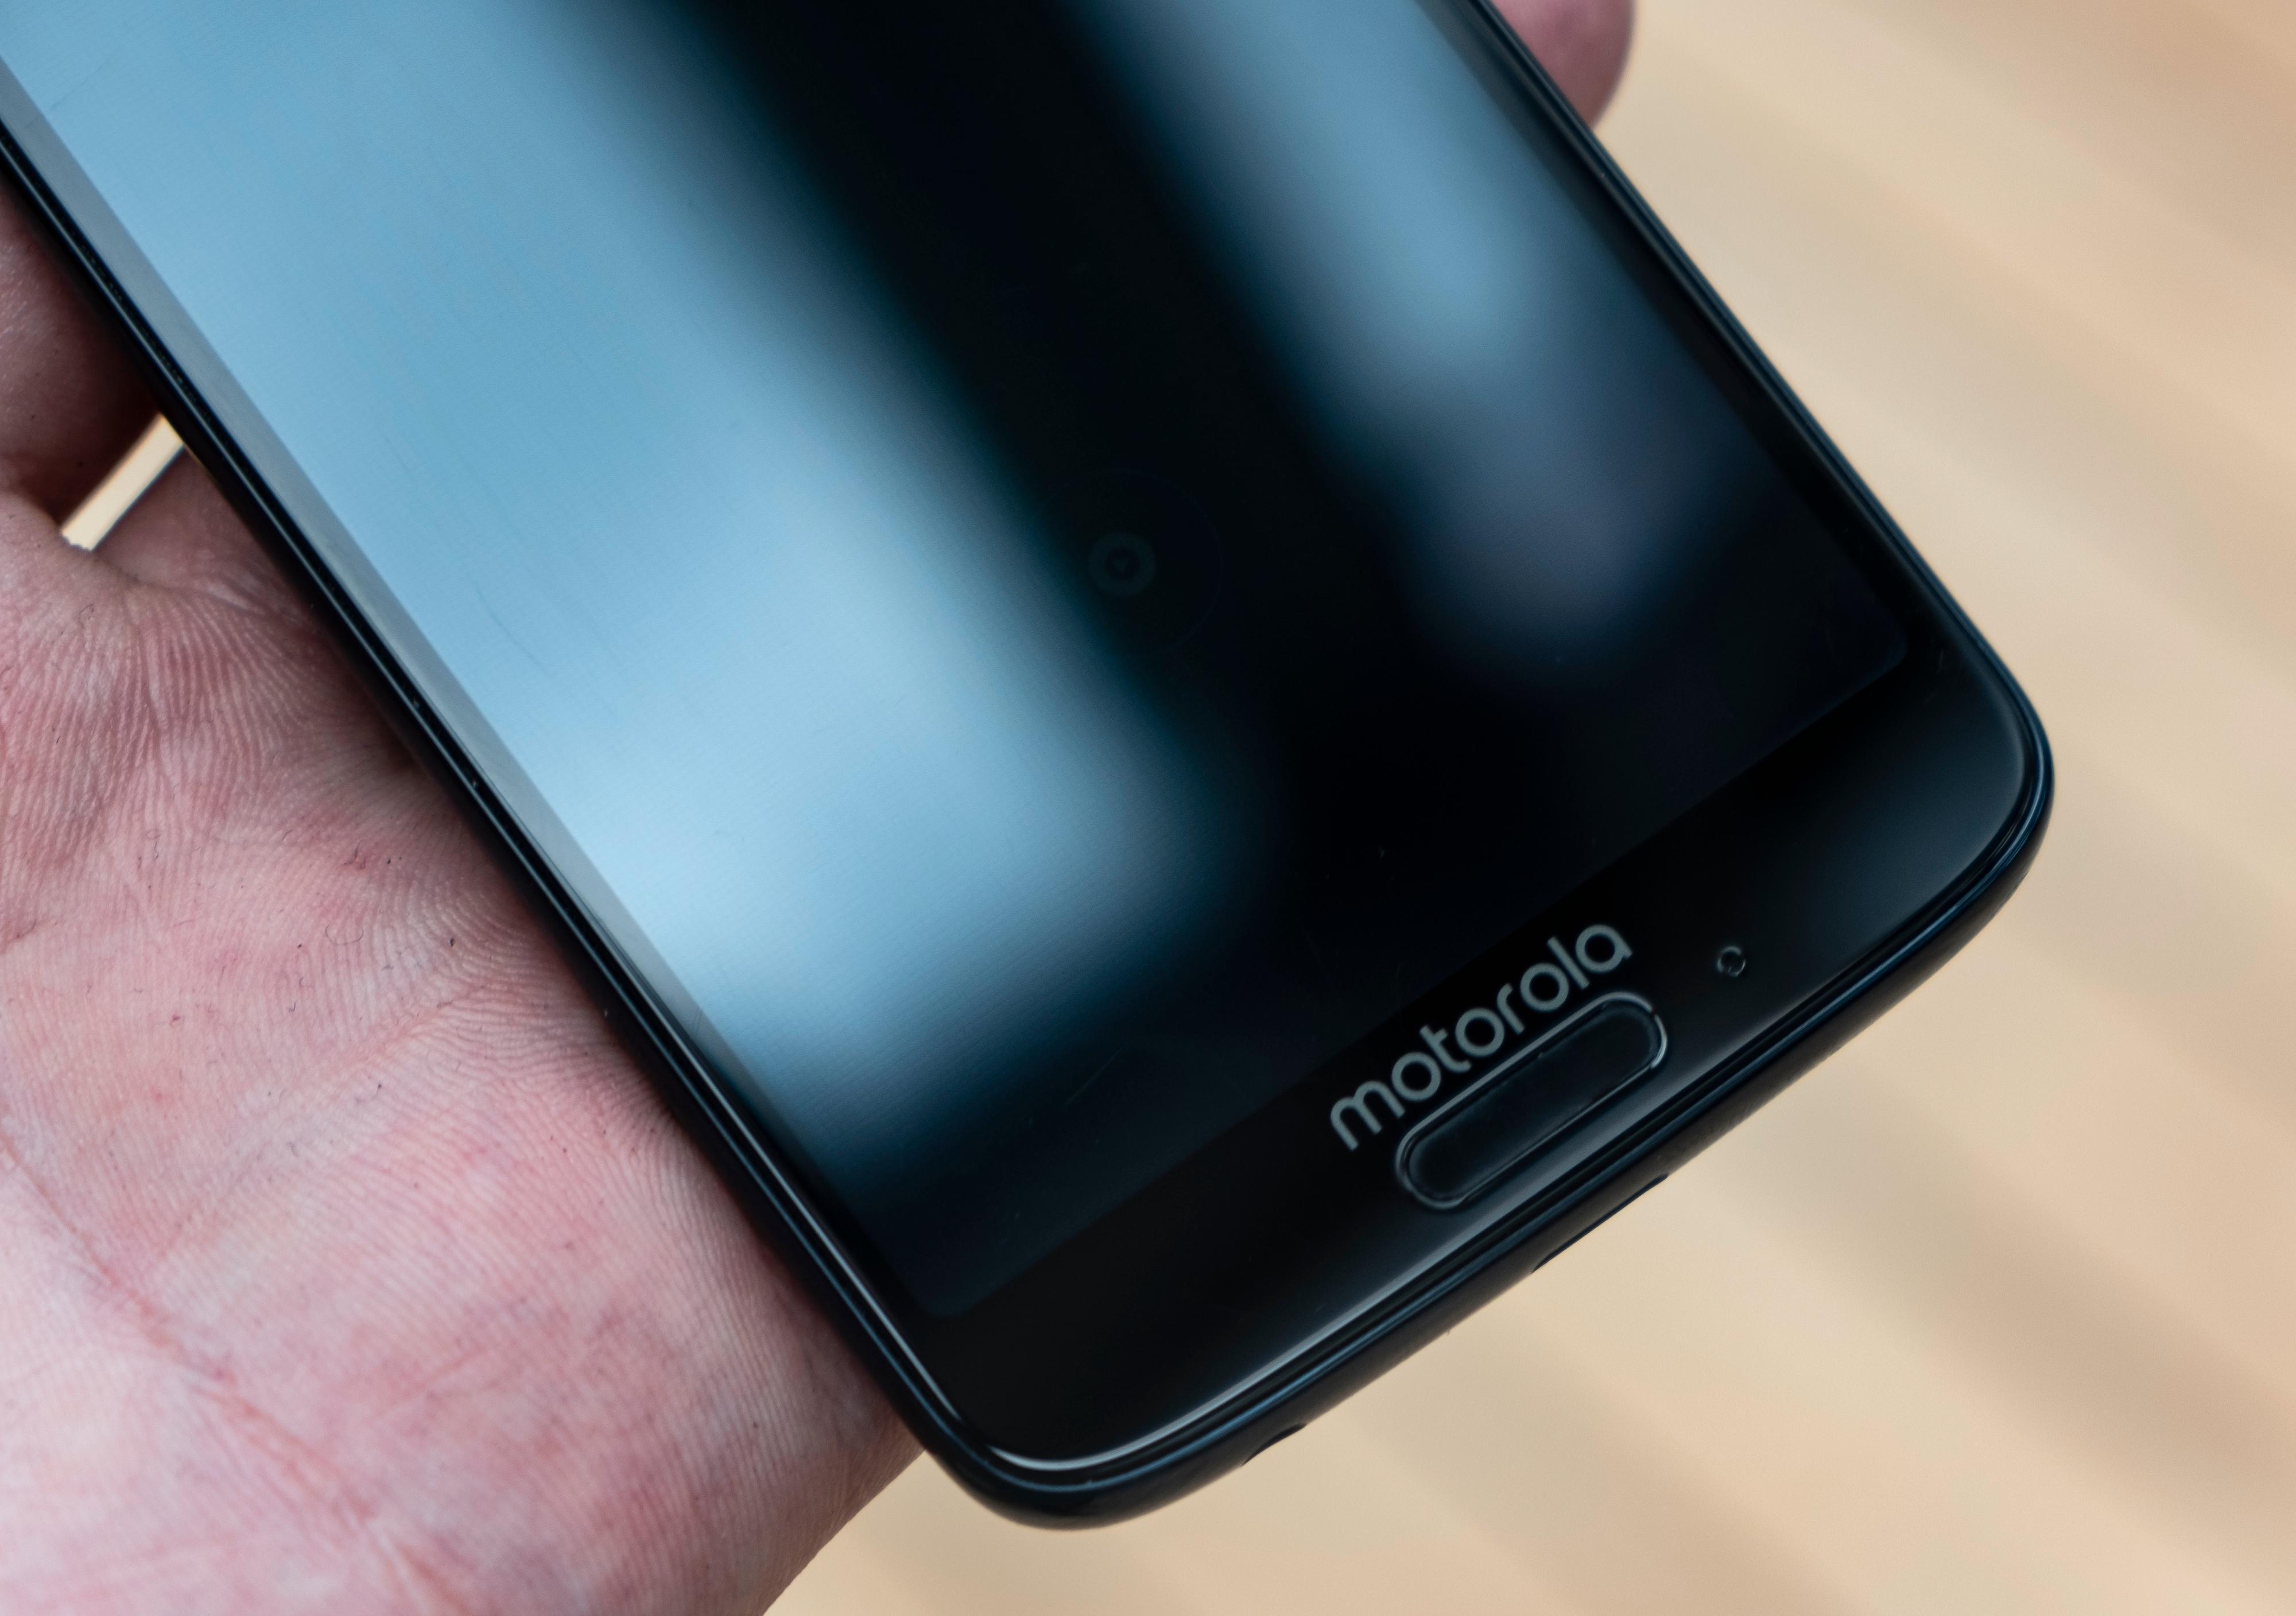 Fingerleseren i Moto G6 har en altfor omfattende jobb. Det burde være mulig å bruke den til menynavigering, men med færre funksjoner aktivert.